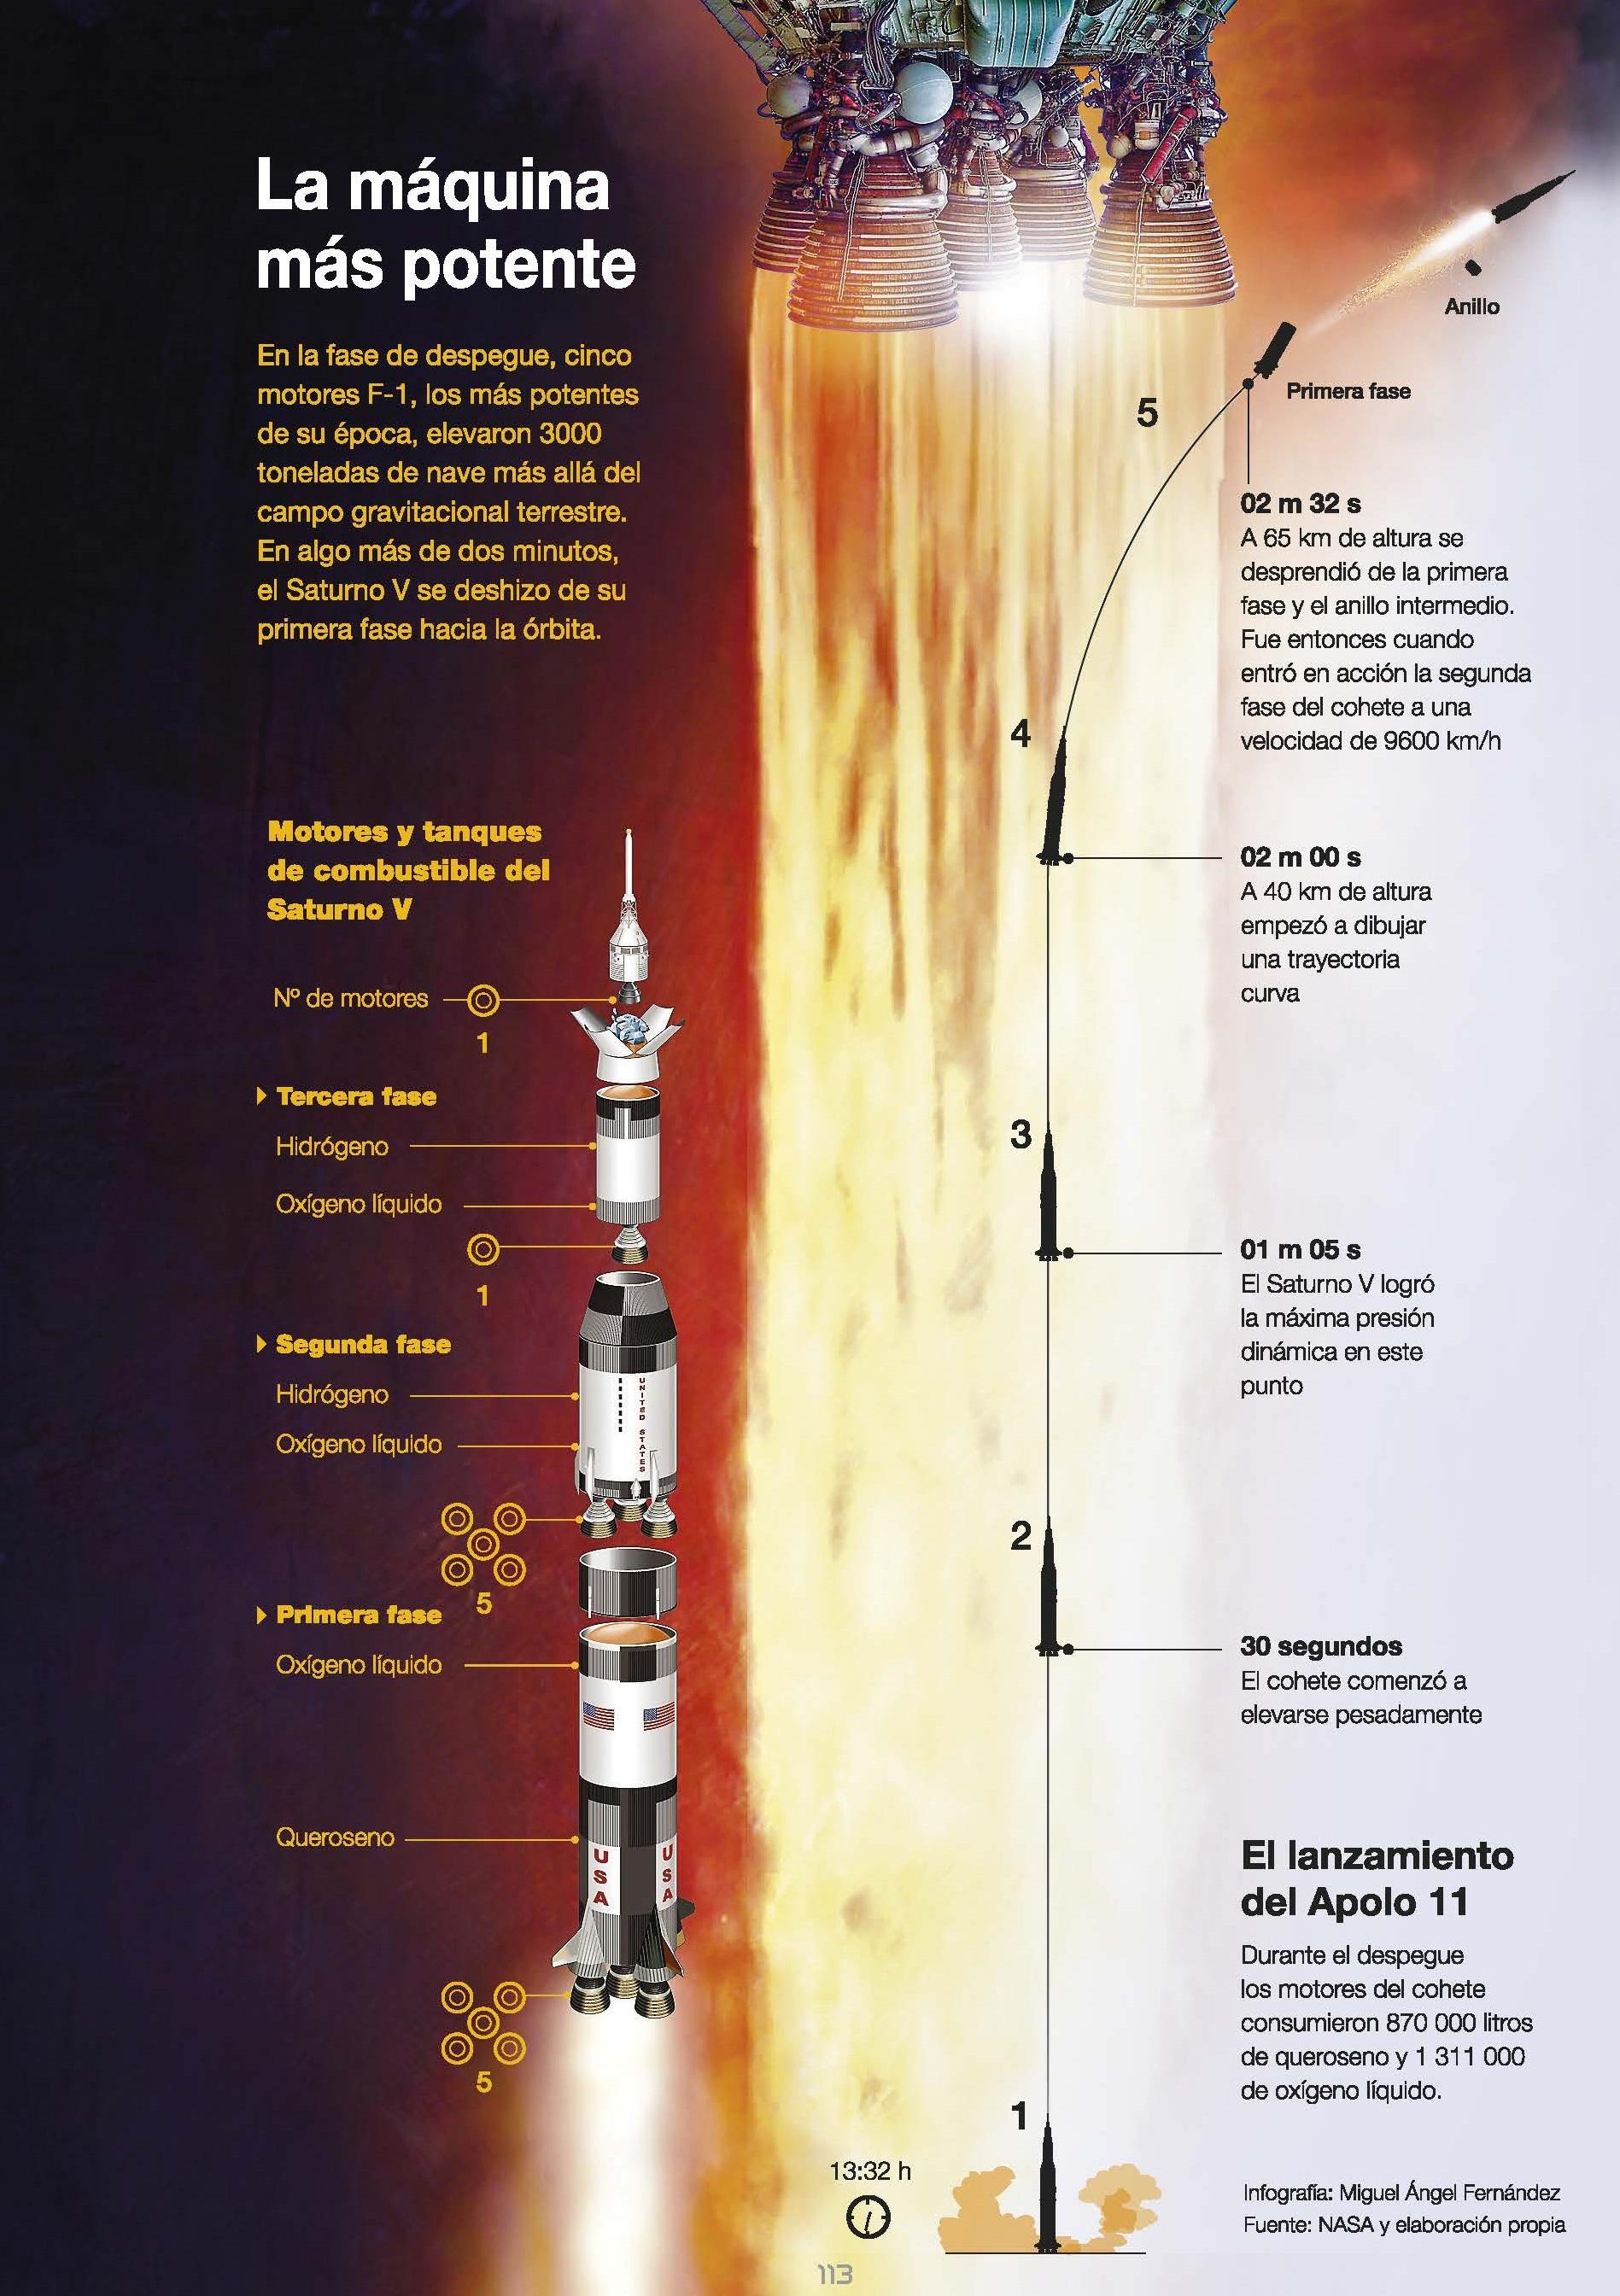 Infografía de Miguel Ángel Fernández